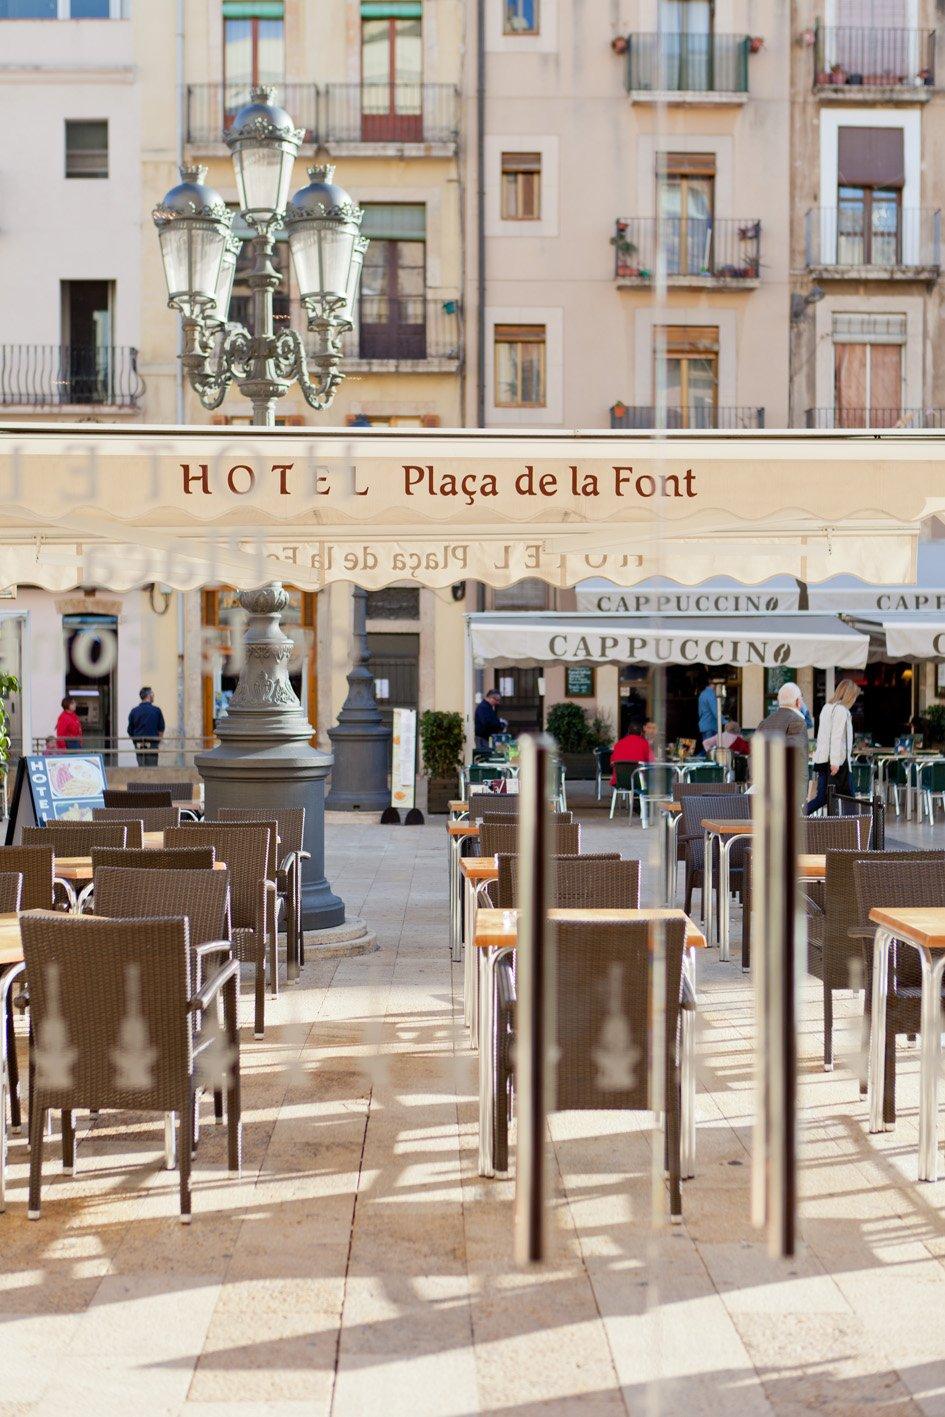 hotel_la_fontnombre_del_documento_21-c43818278879021b98f102ffe5ebcf83